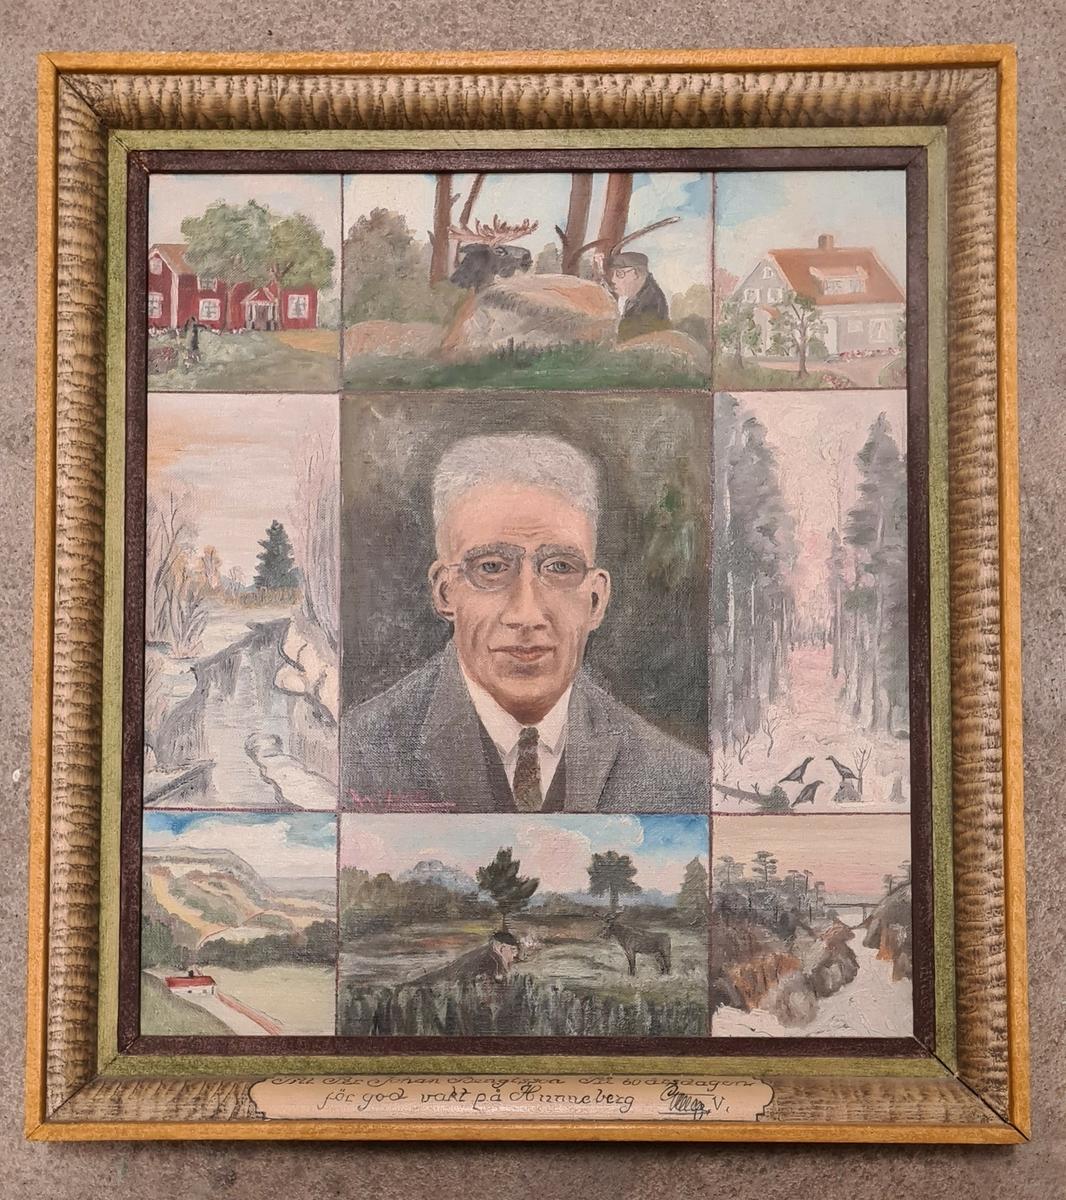 Målning över Per Johan Bengtsson och hans engagemang som vakt på Hunneberg som överlämnades till Per Johan på hans 60-årsdag. Målningen är inramad i en träram. W. Lundh har målat tavlan.